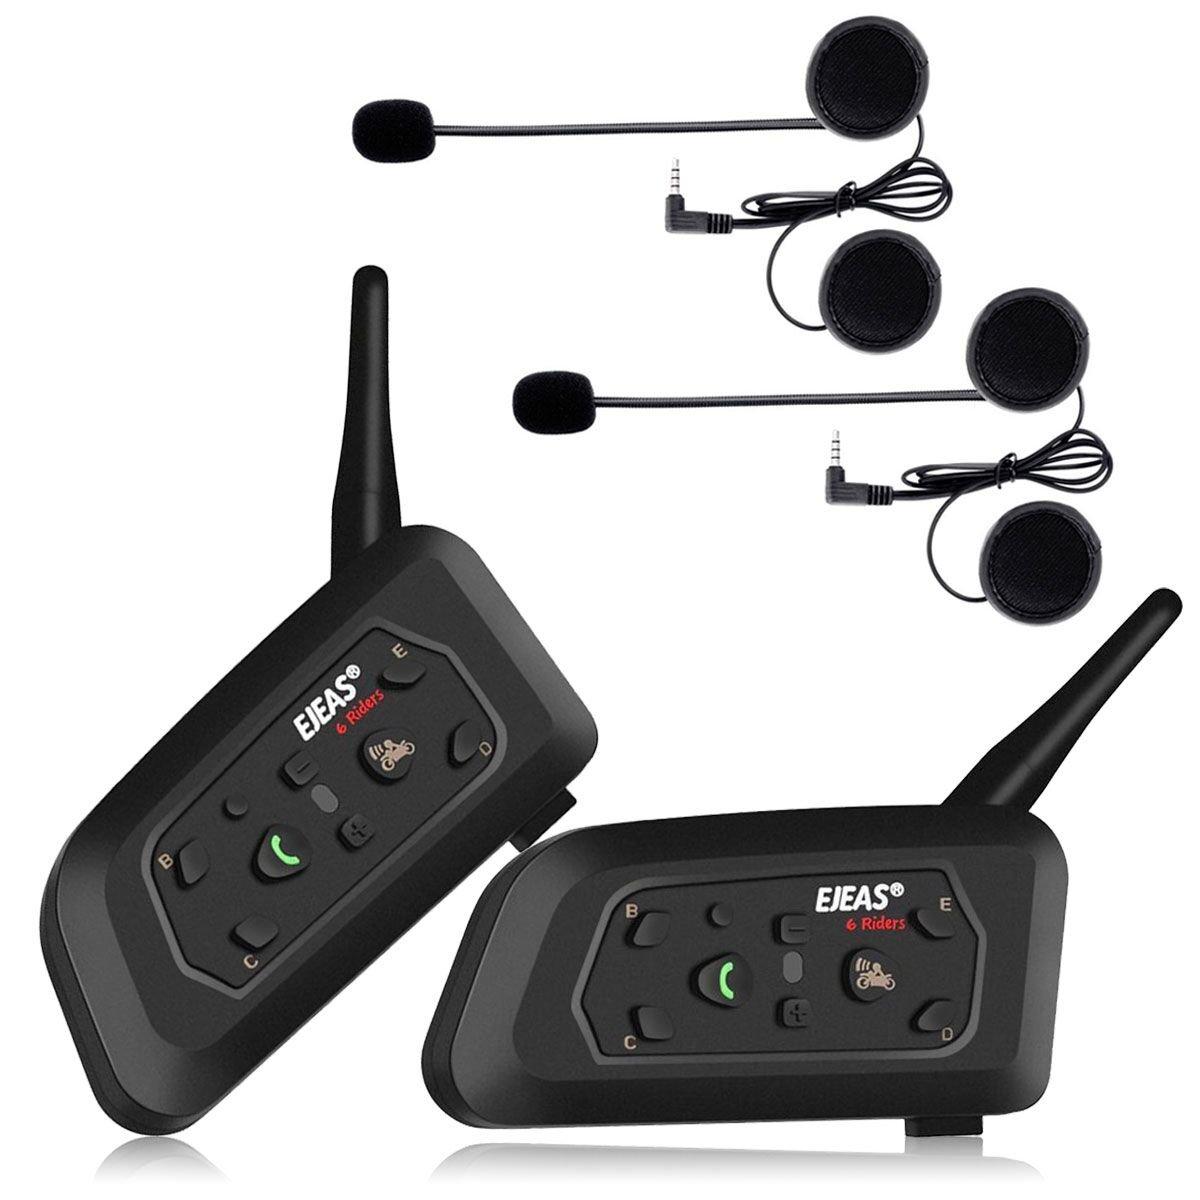 Ejeas V6 Pro 2xAuriculares Intercomunicador Moto Bluetooth para Motocicletas, Gama Comunicación Intercom de 1200m,